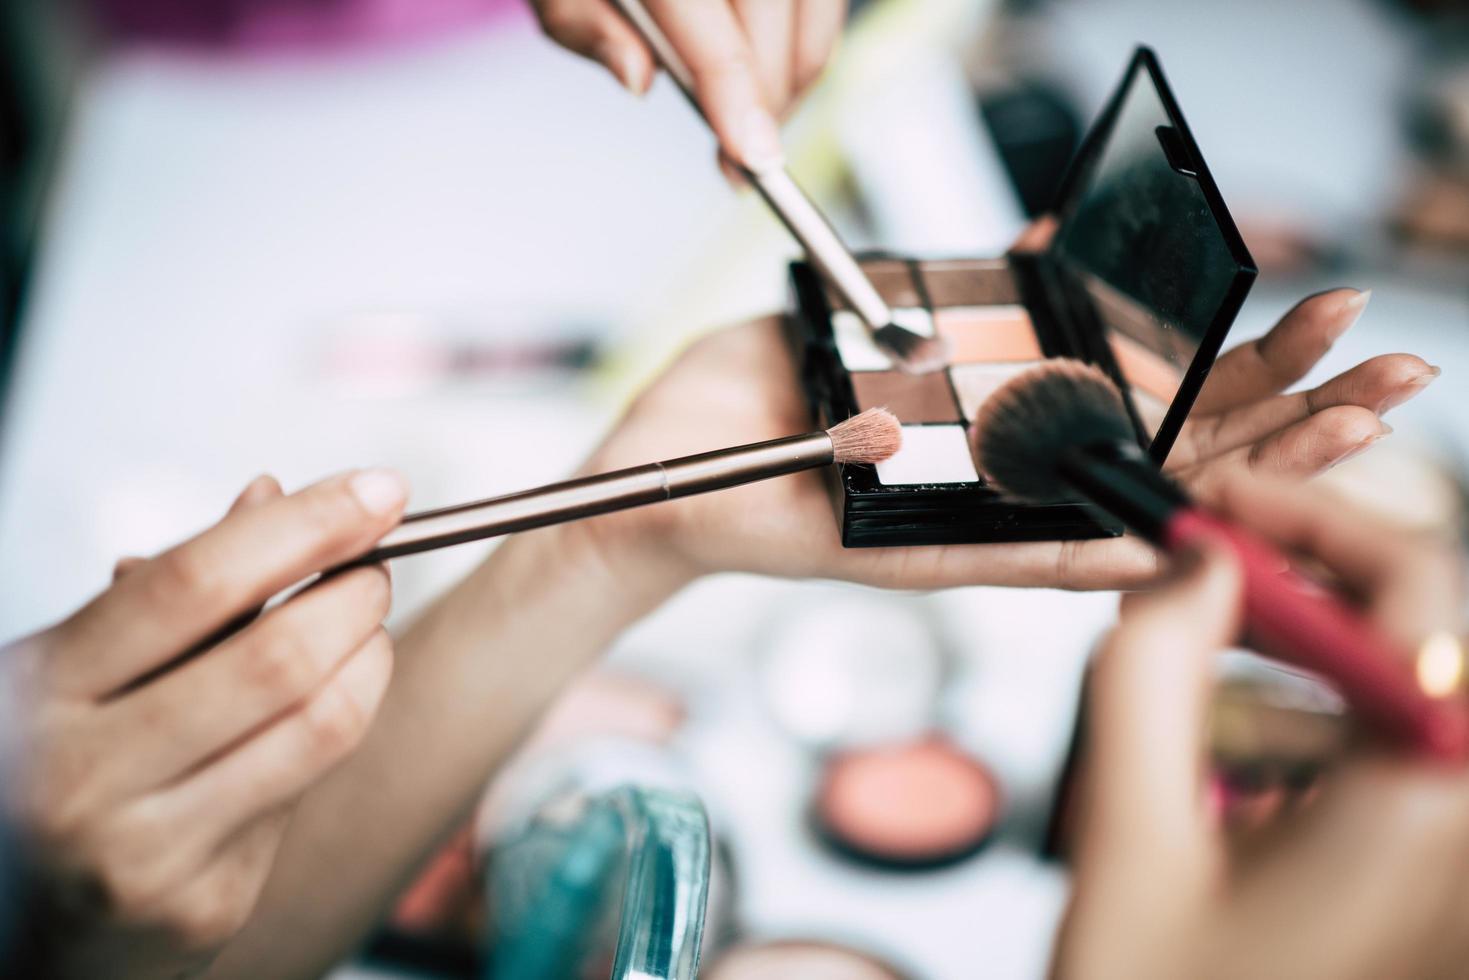 mujeres maquillando con pinceles y polvos cosméticos foto